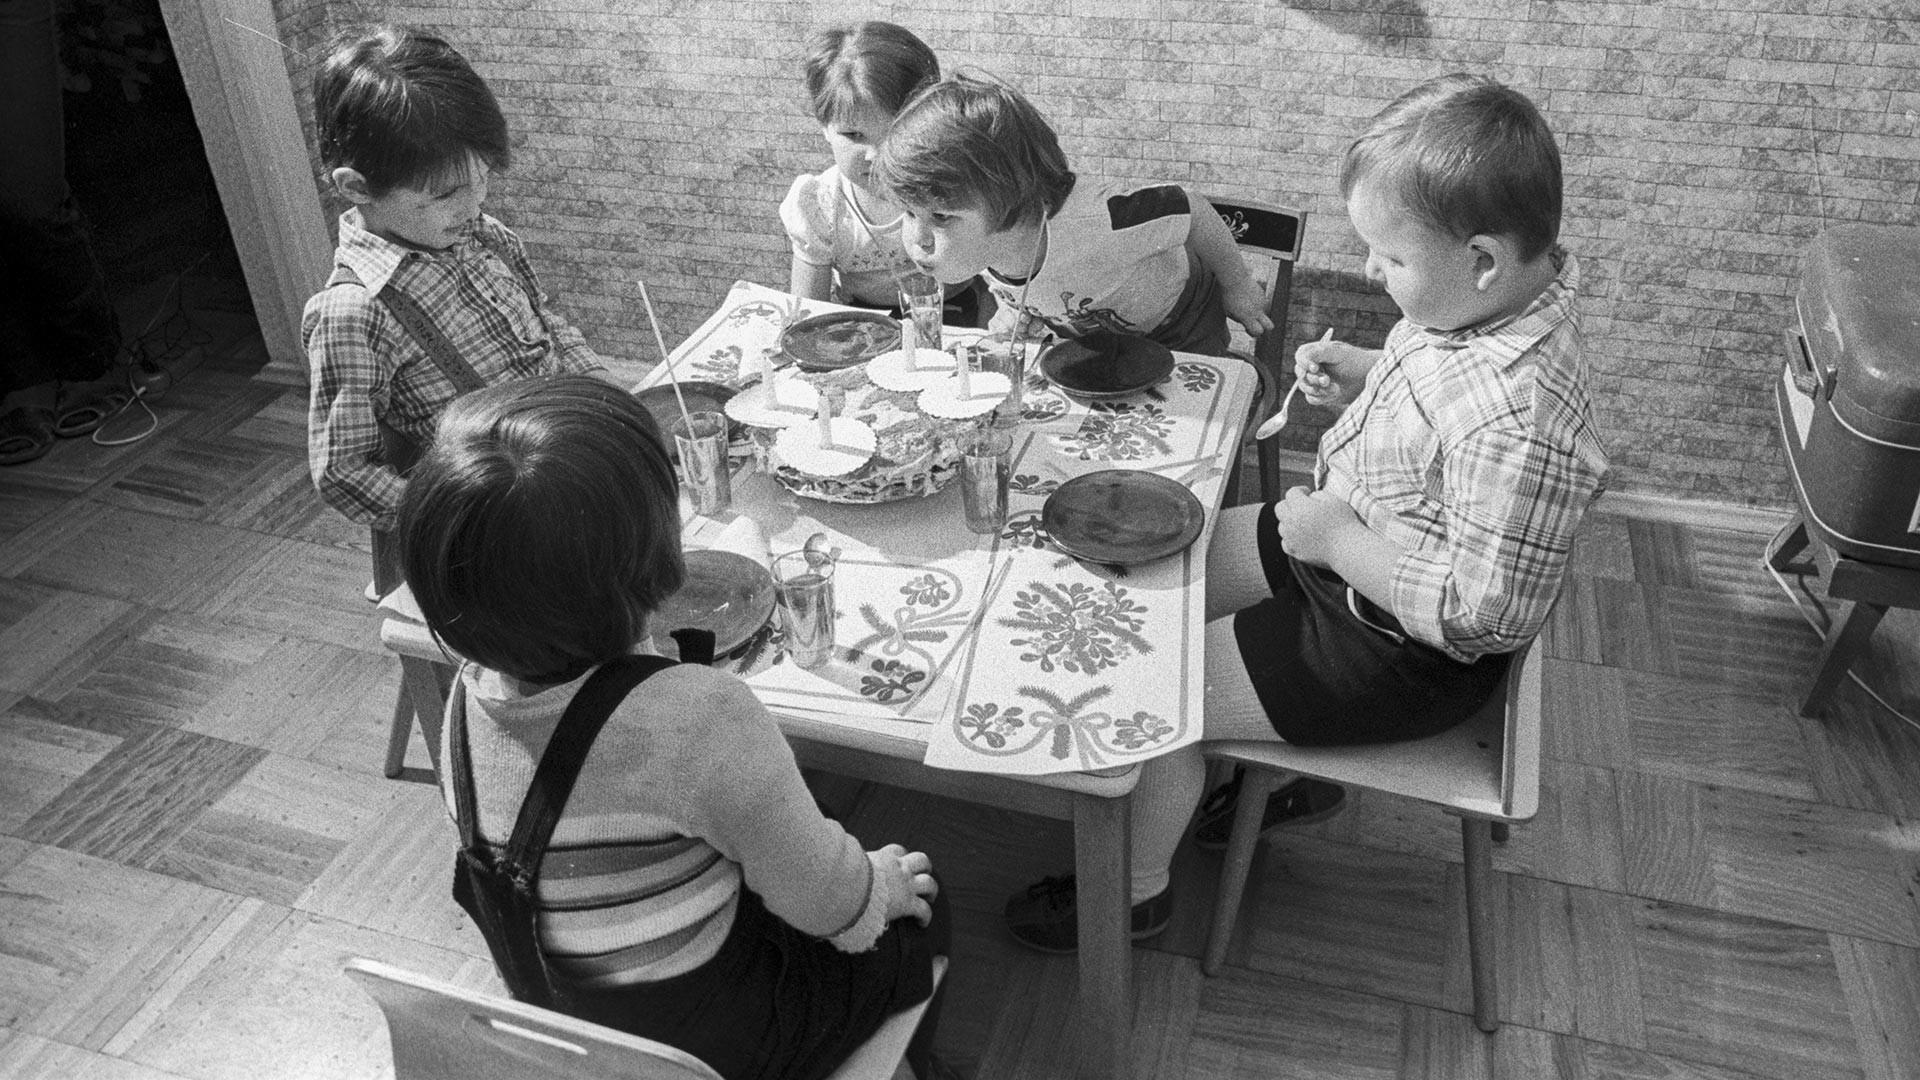 So sah ein typischer Kindergeburtstag in der UdSSR aus